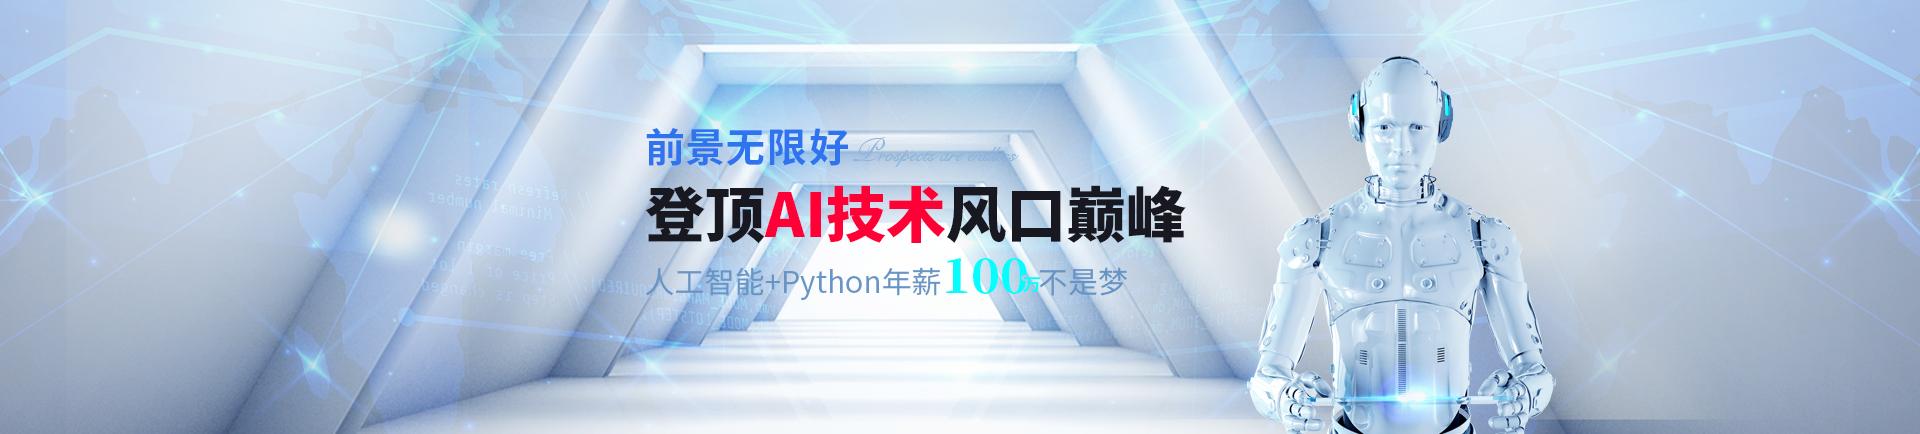 登頂AI技術風口巔峰 人工智能+Python年薪100萬不是夢